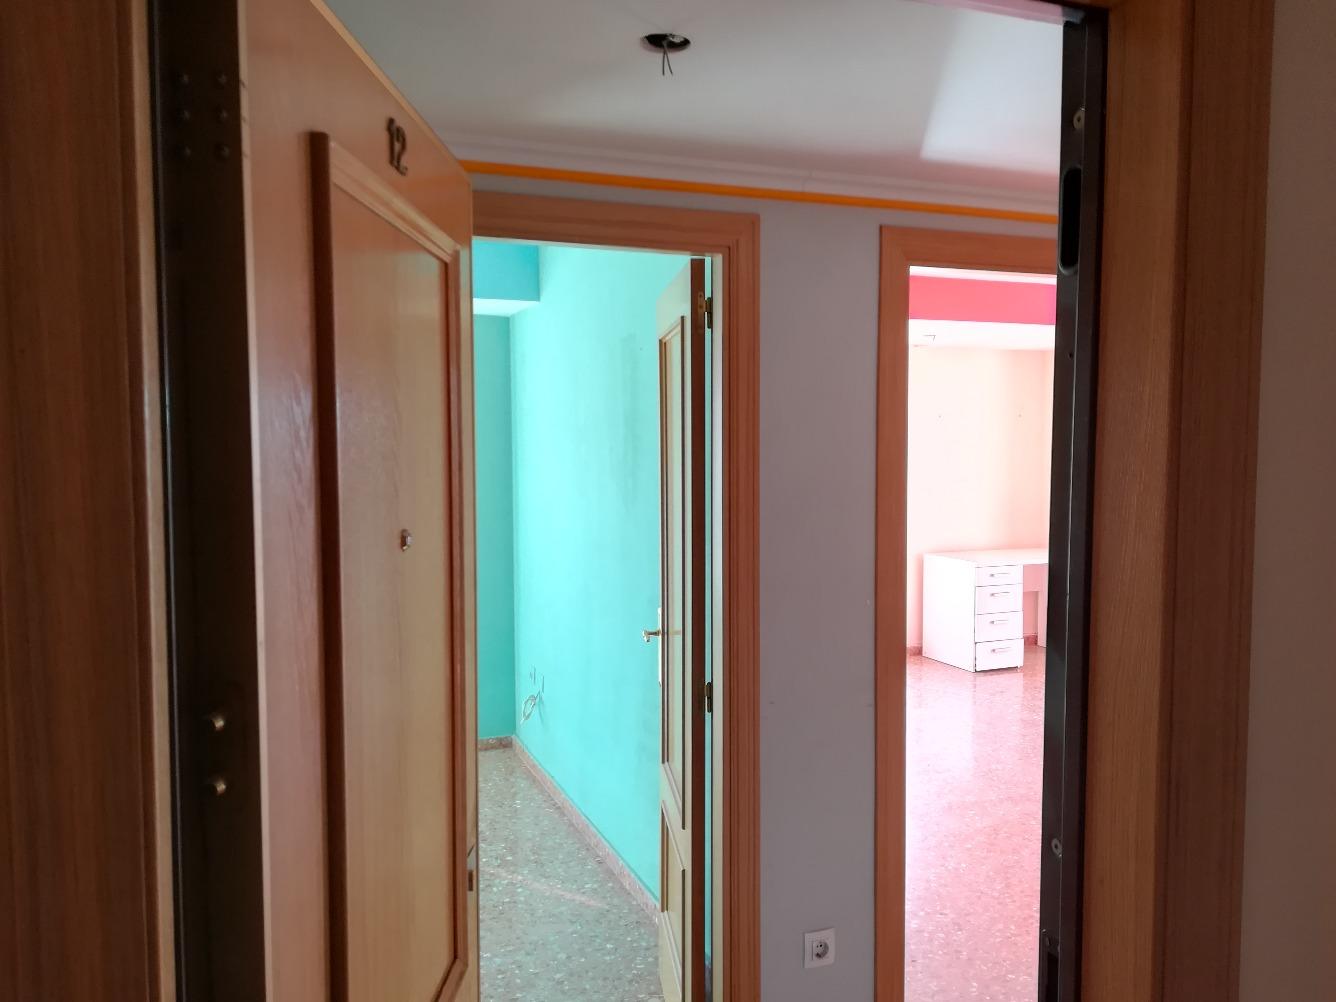 Appartement  Calle enric valor, 28. Piso en venta en meliana, 3 dormitorios, 2 baños, 3ª con ascenso